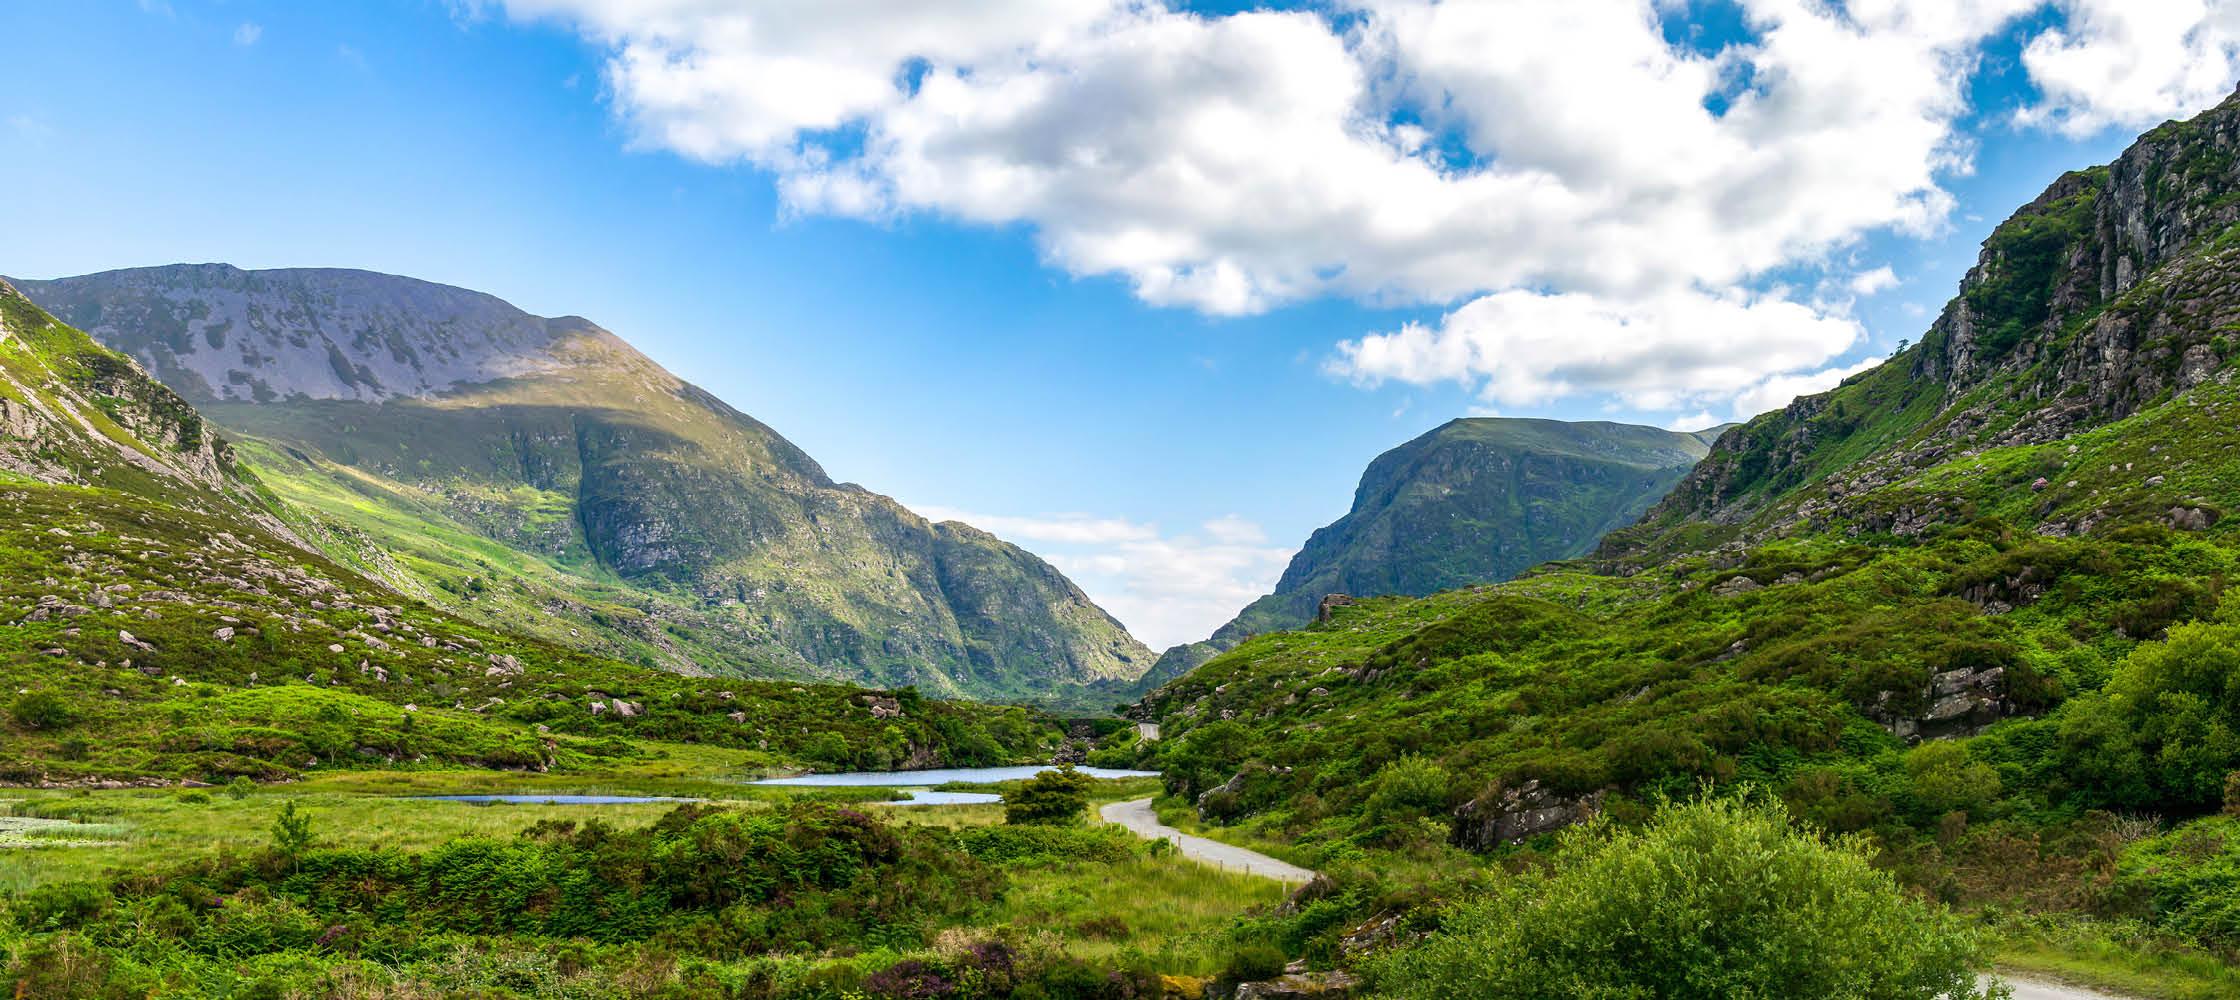 det gröna irland med ängar, får, sjöar och berg på en rundresa